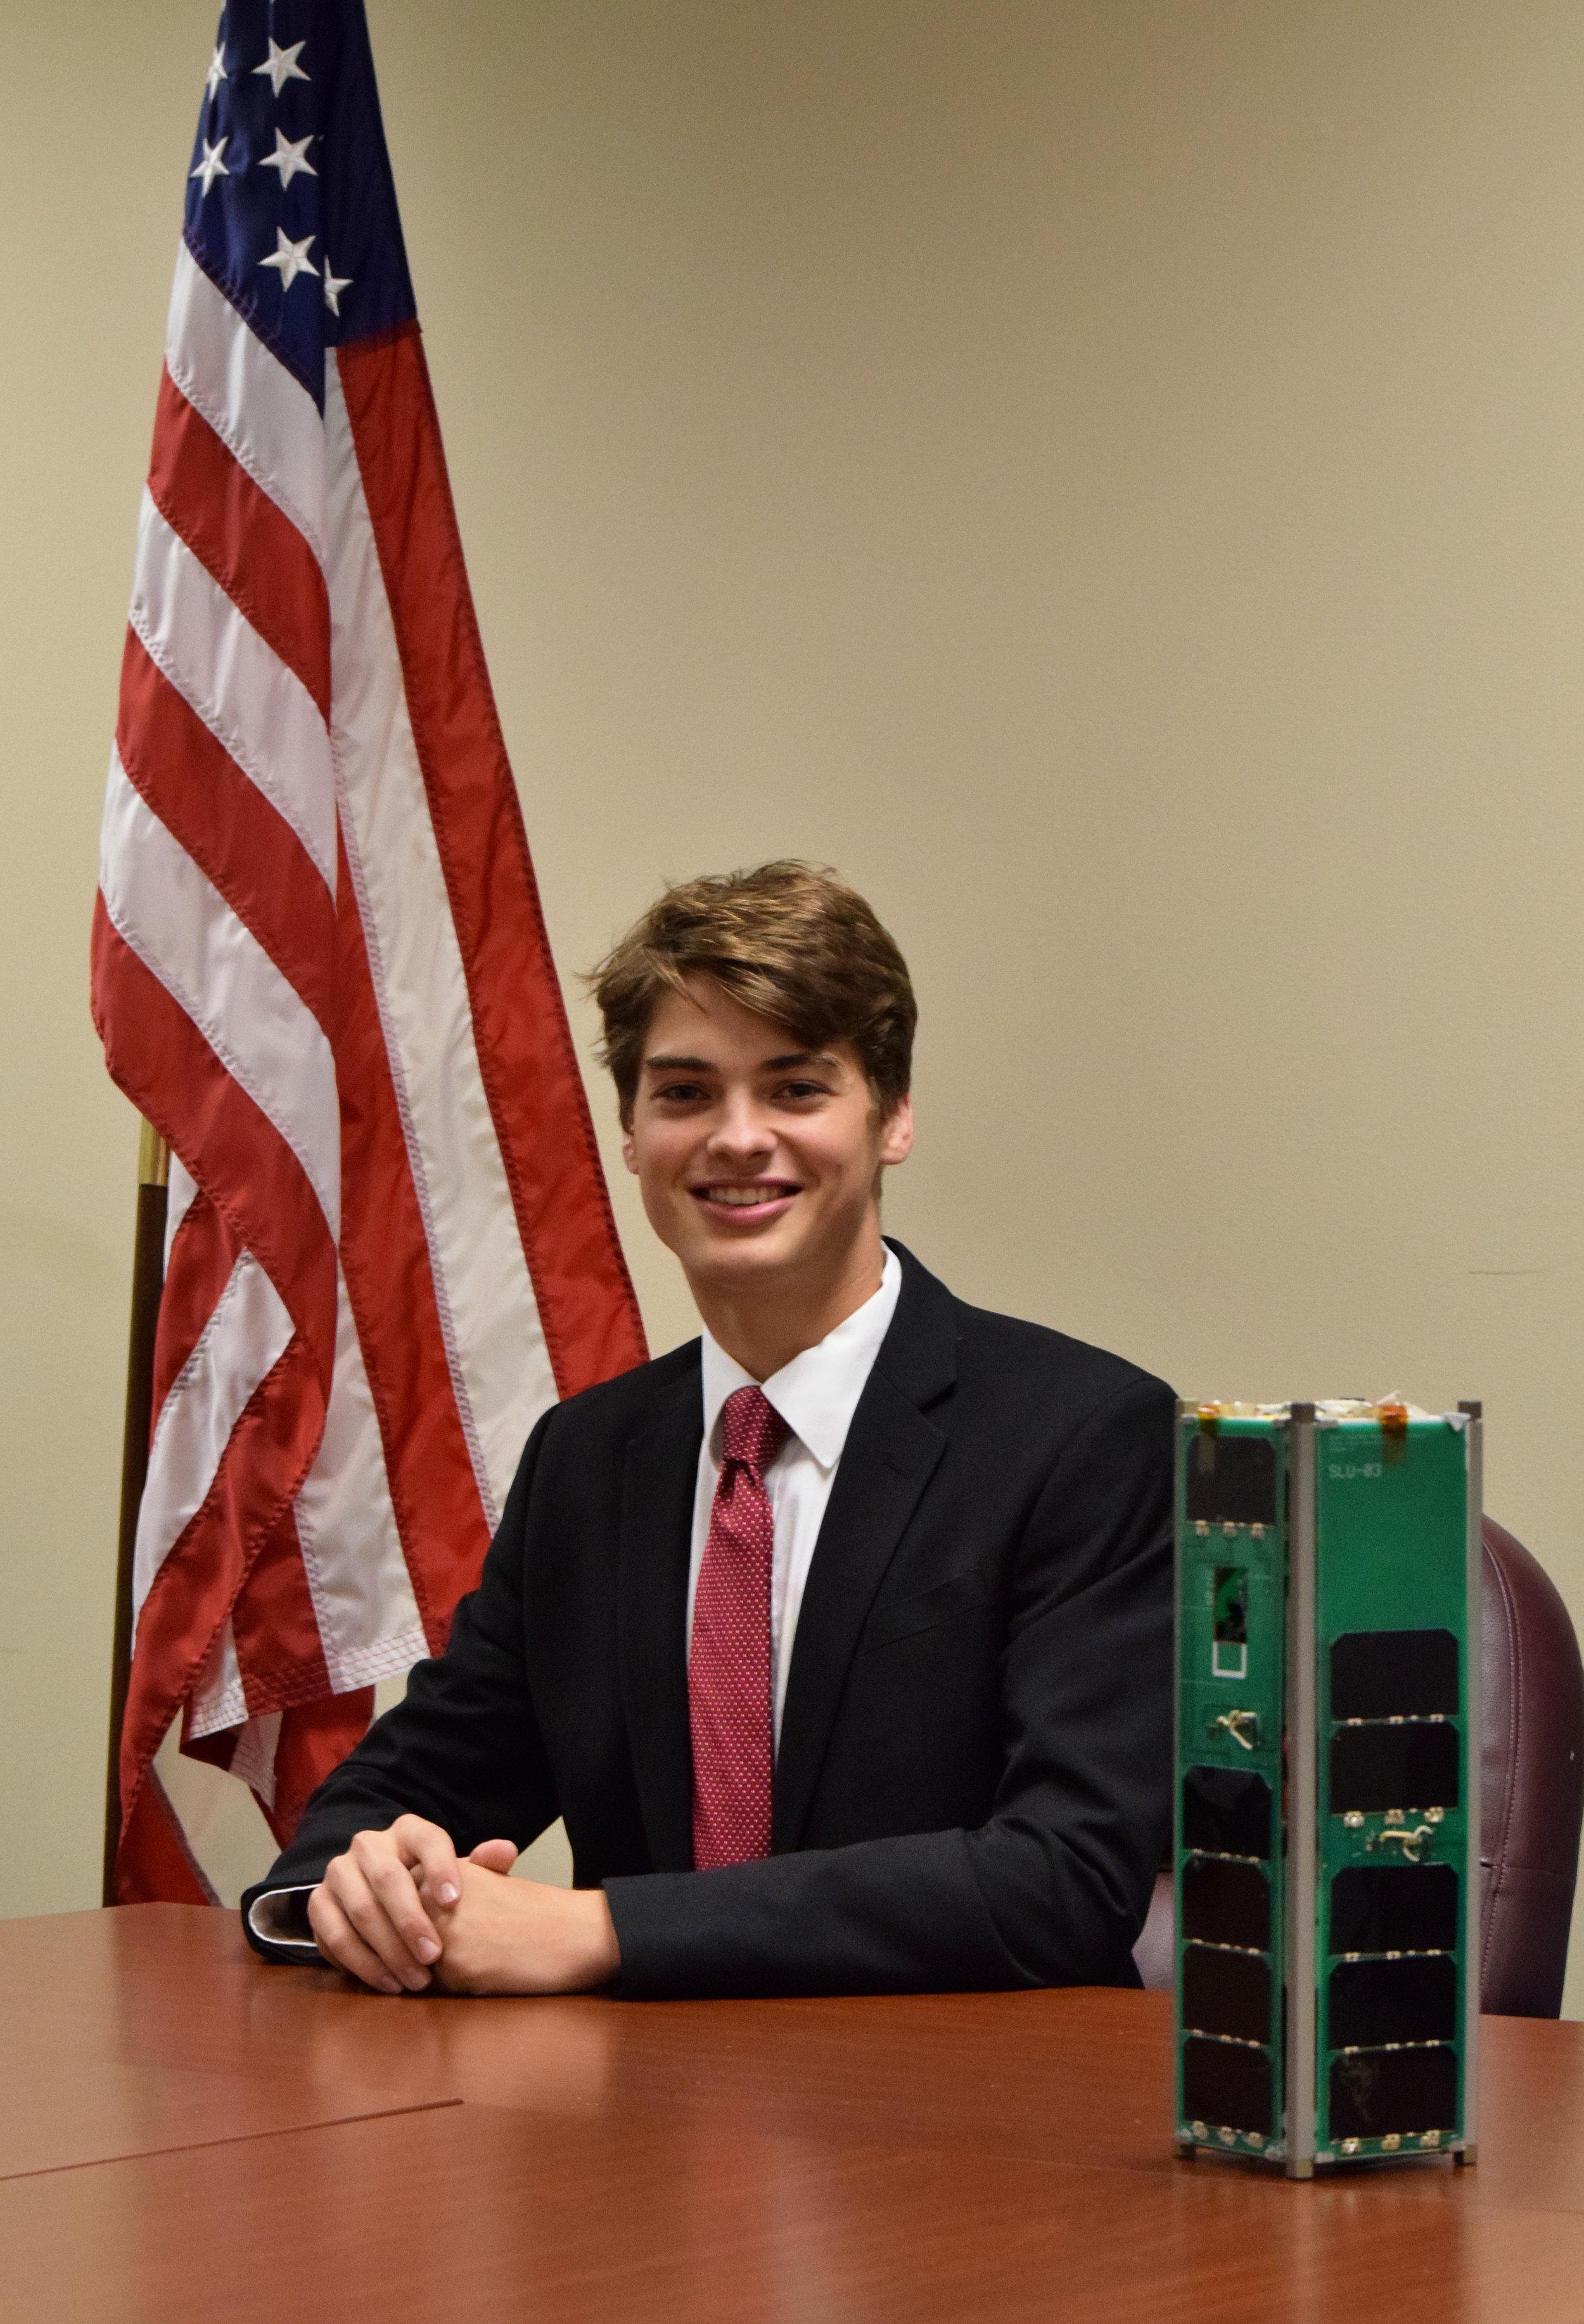 Kevin McGreal  - Deputy Program Manager